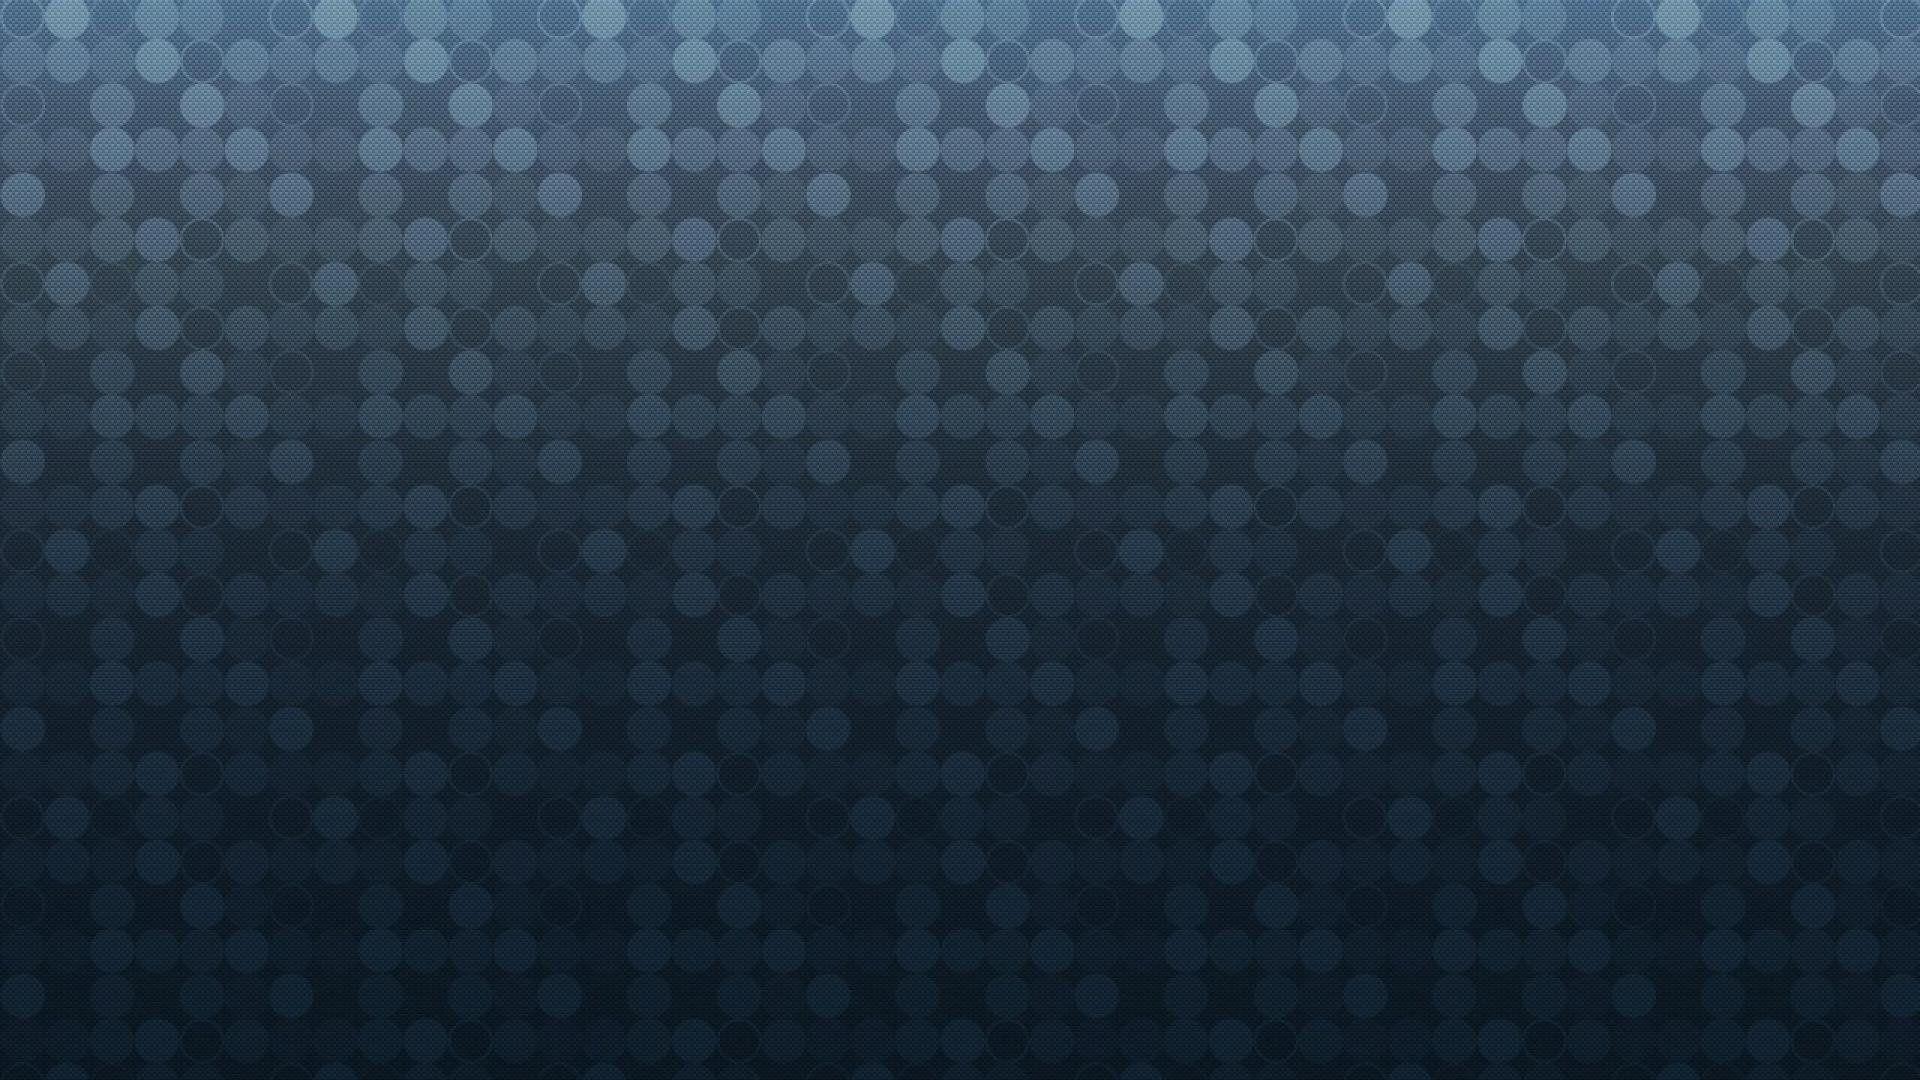 Mac Os X Mountain Lion Wallpaper 1920x1080 35